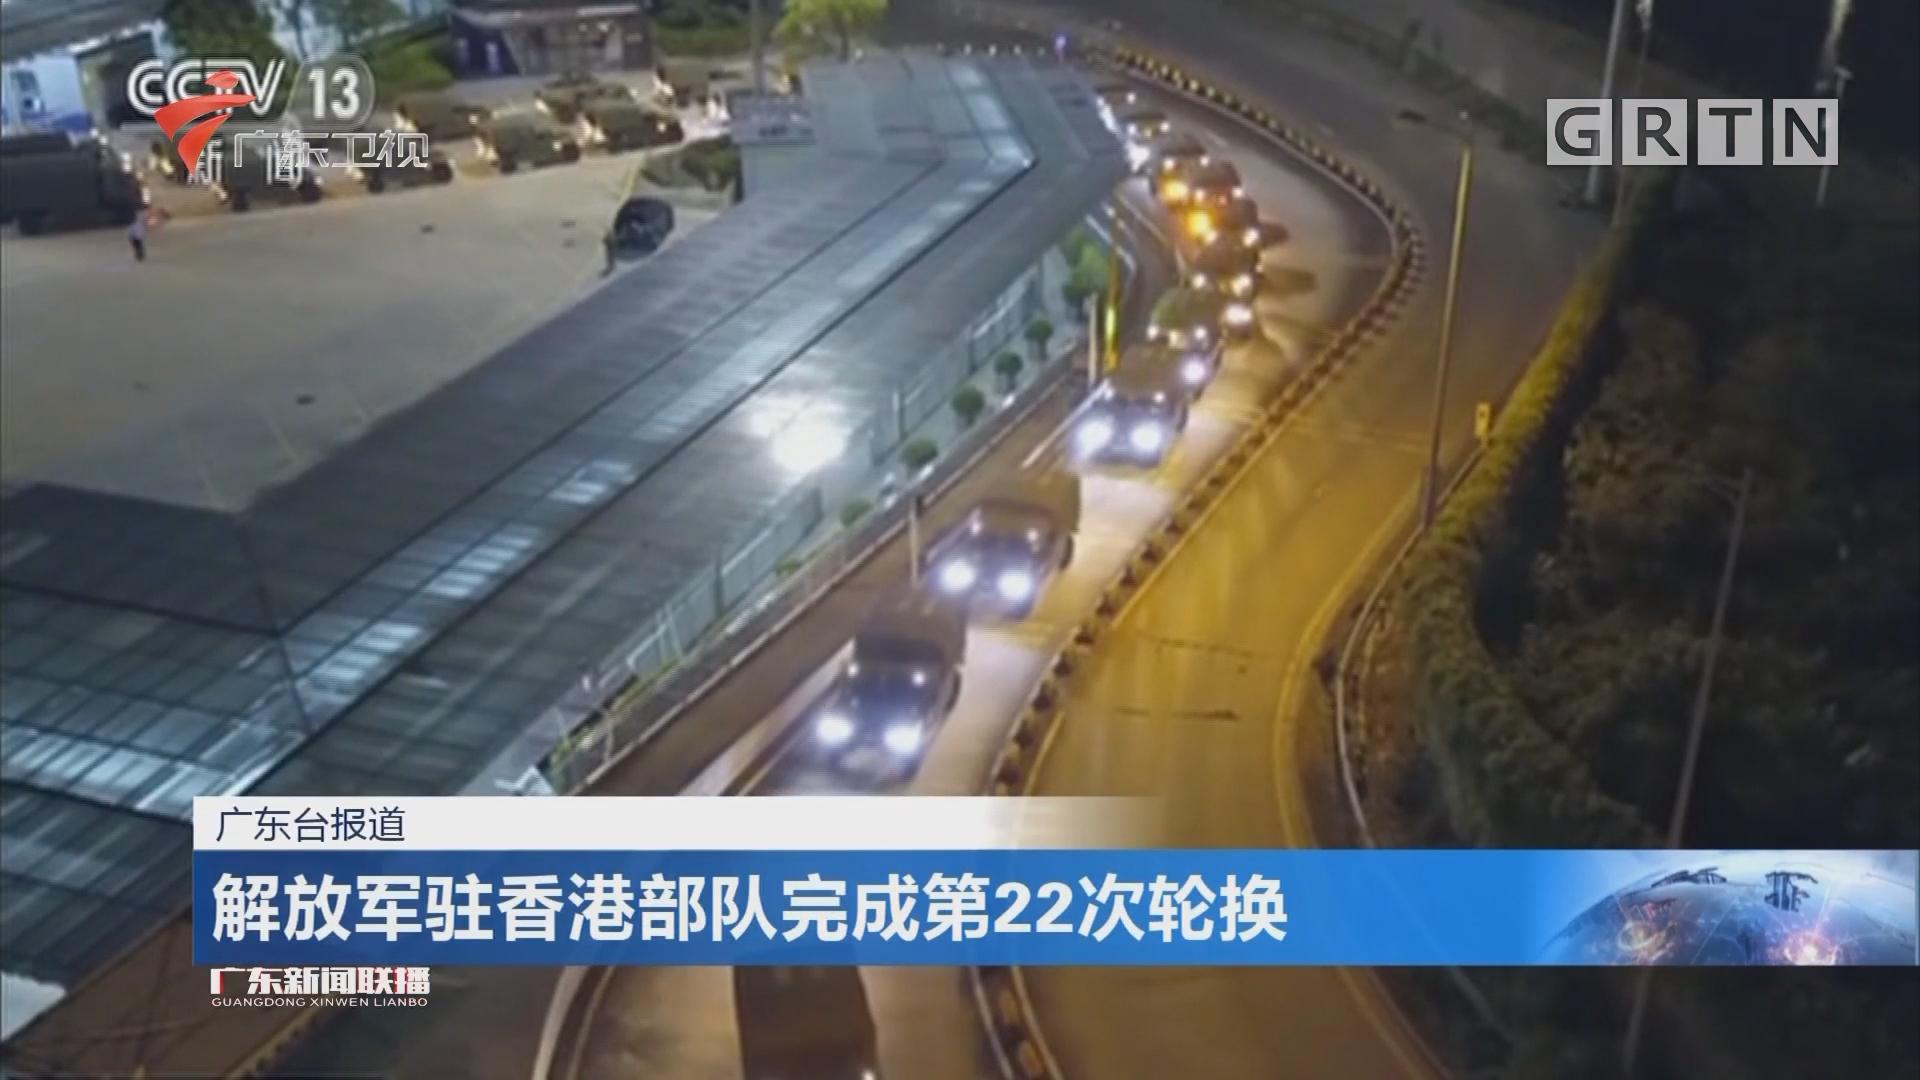 解放军驻香港部队完成第22次轮换